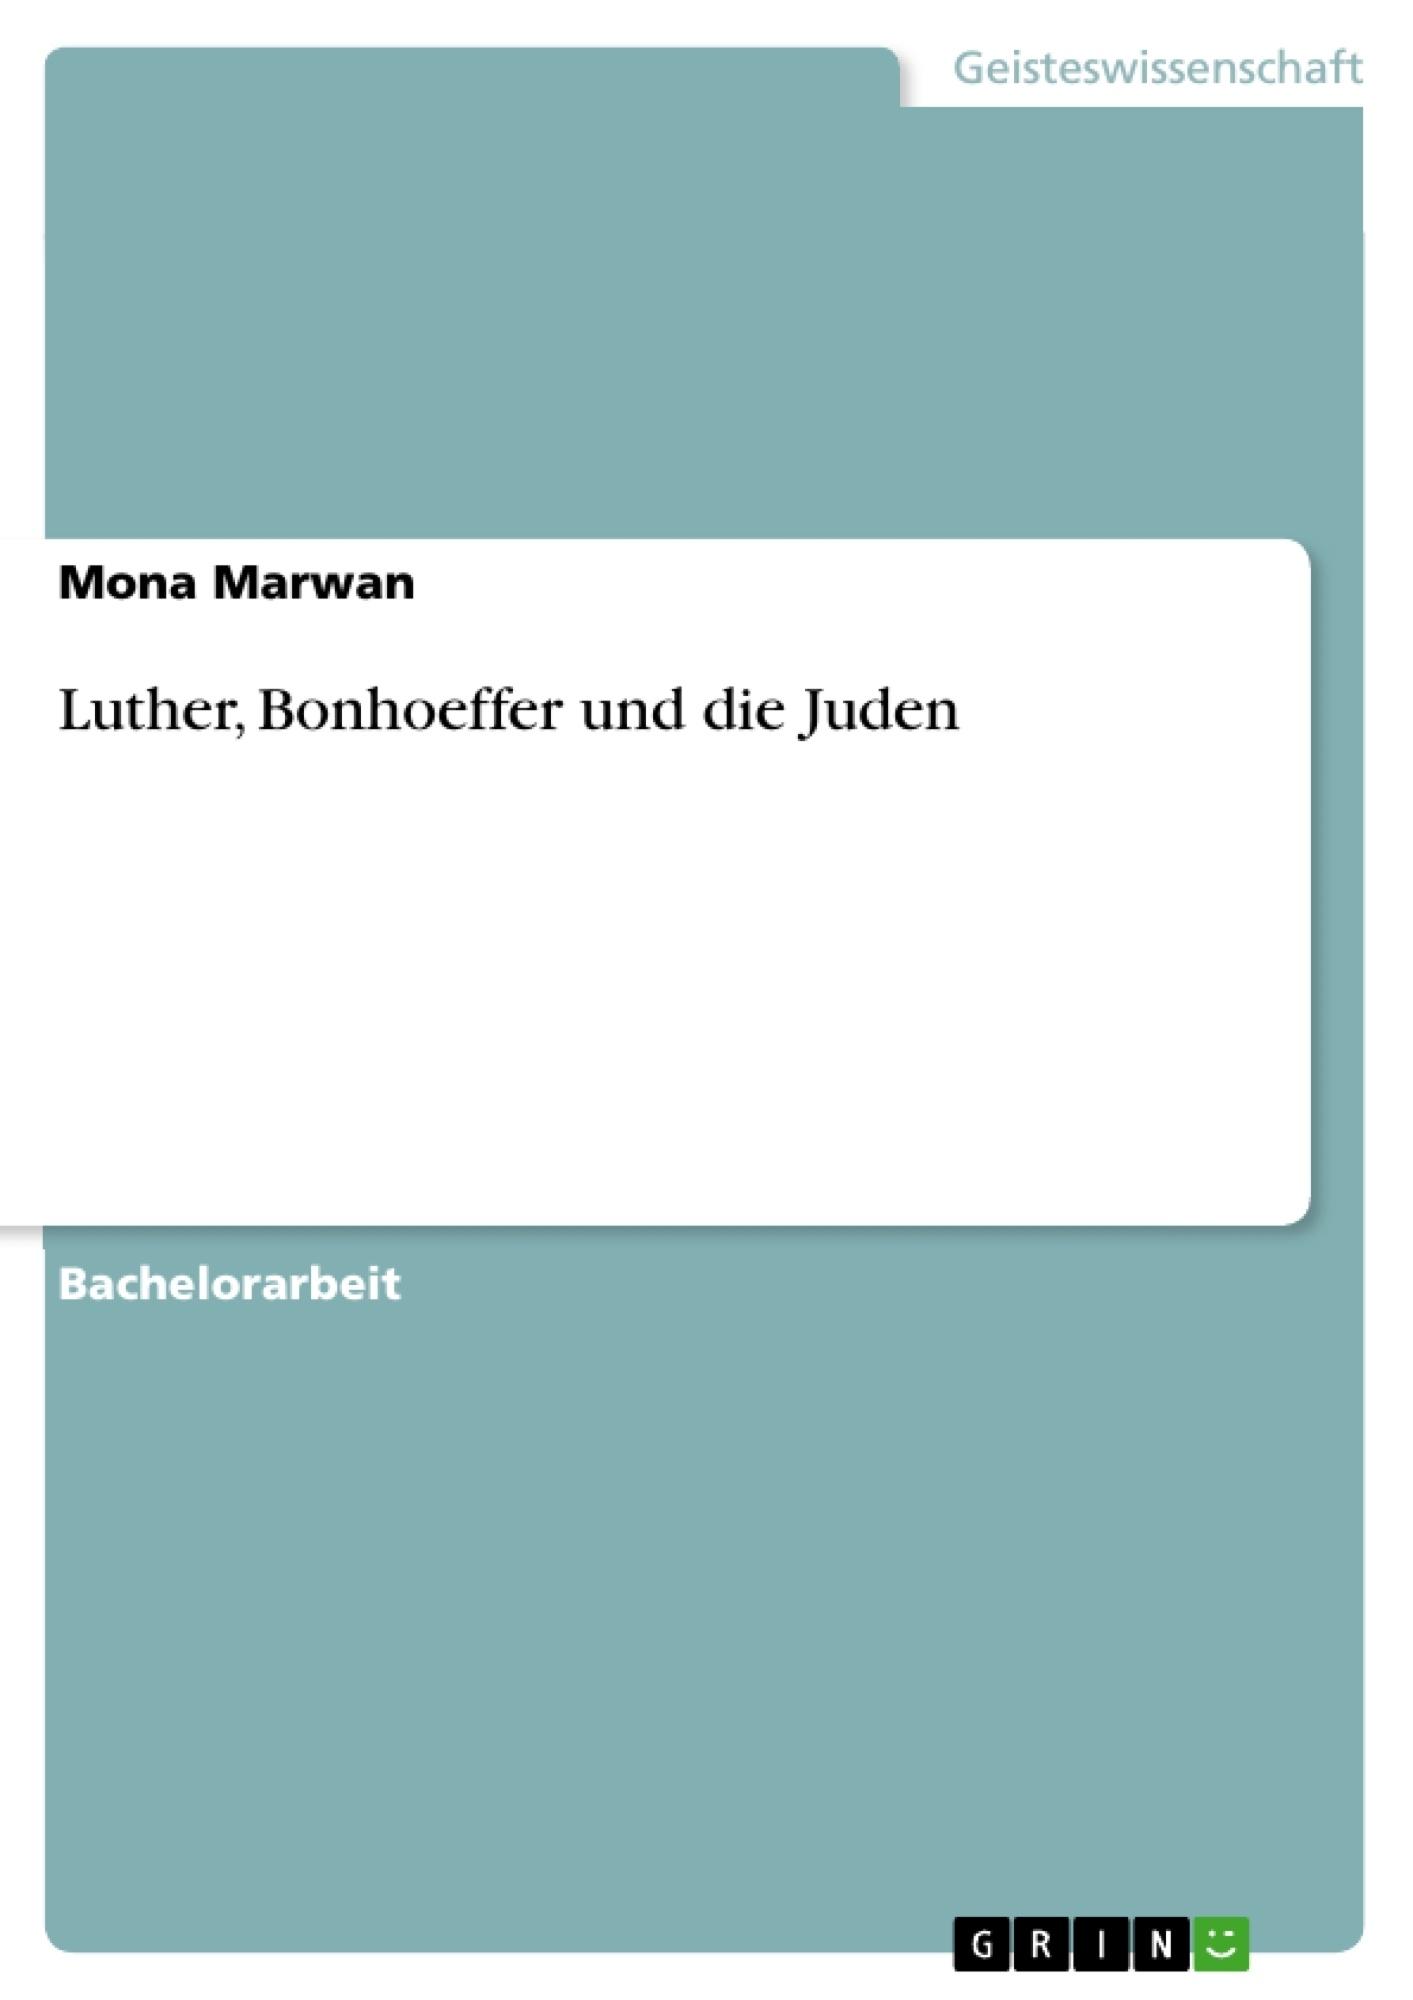 Titel: Luther, Bonhoeffer und die Juden